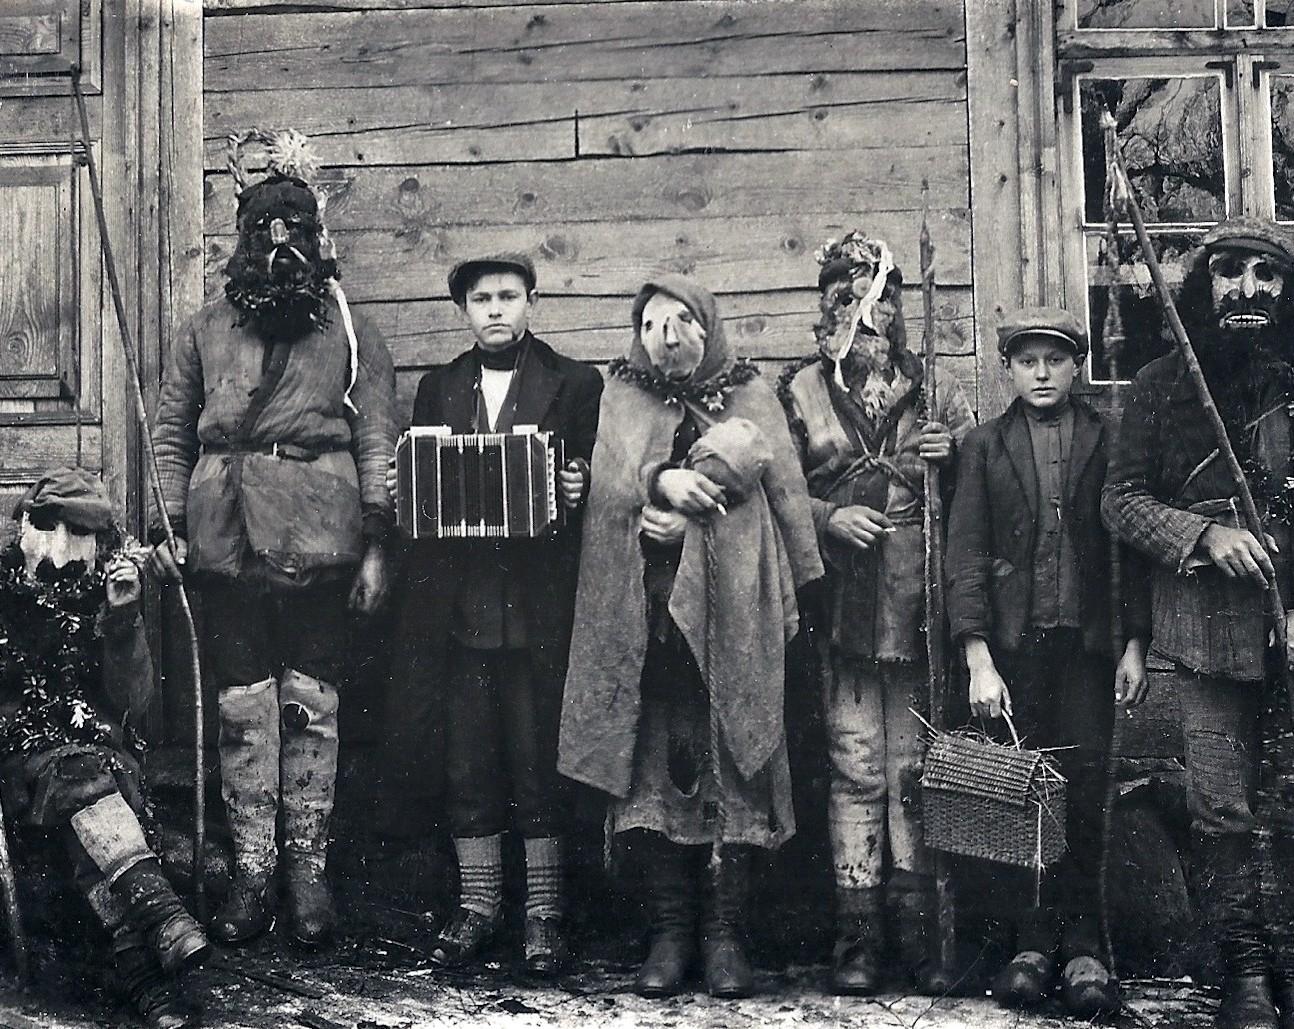 Užgavėnių persirengėliai. Salantai. 1923 | Lietuvos istorijos instituto Bibliotekos rankraštyno Etnografijos fondo, byla 949-57, nuotr.